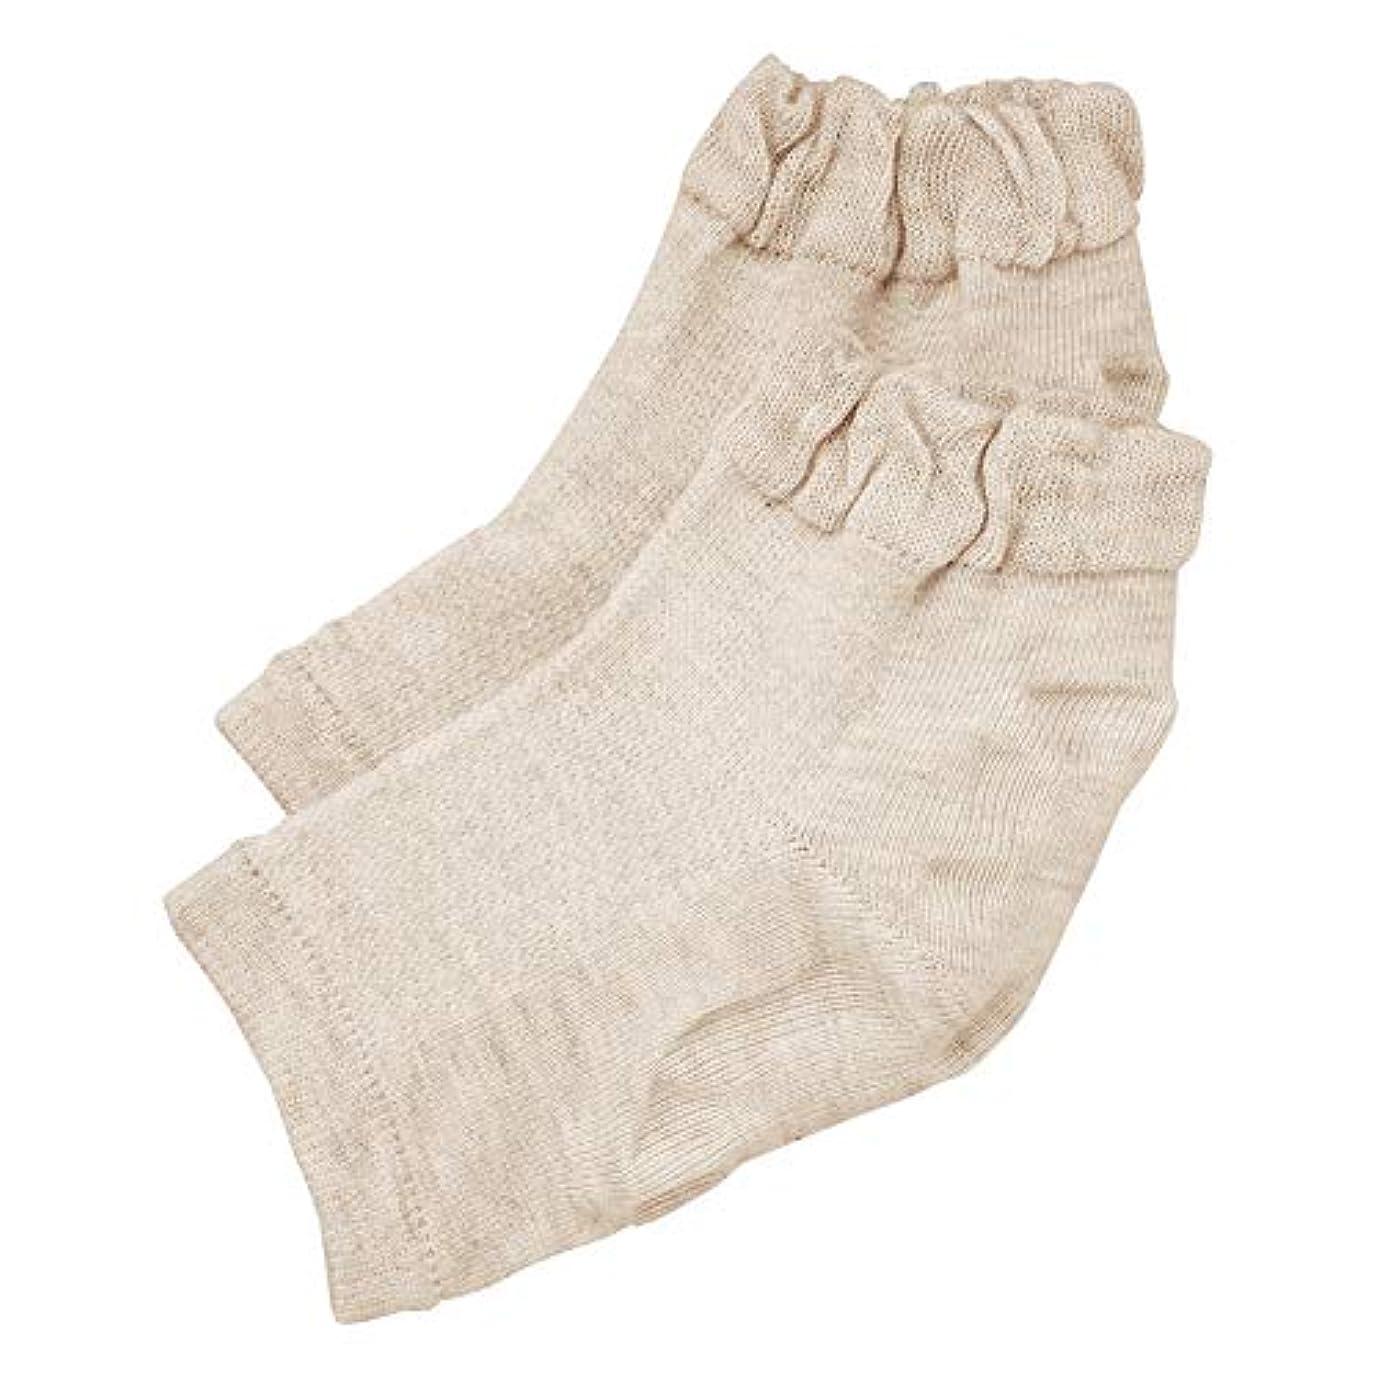 ポット道徳の流履き口ゆったりかかとつるり ケア 靴下 ガサガサ 保湿